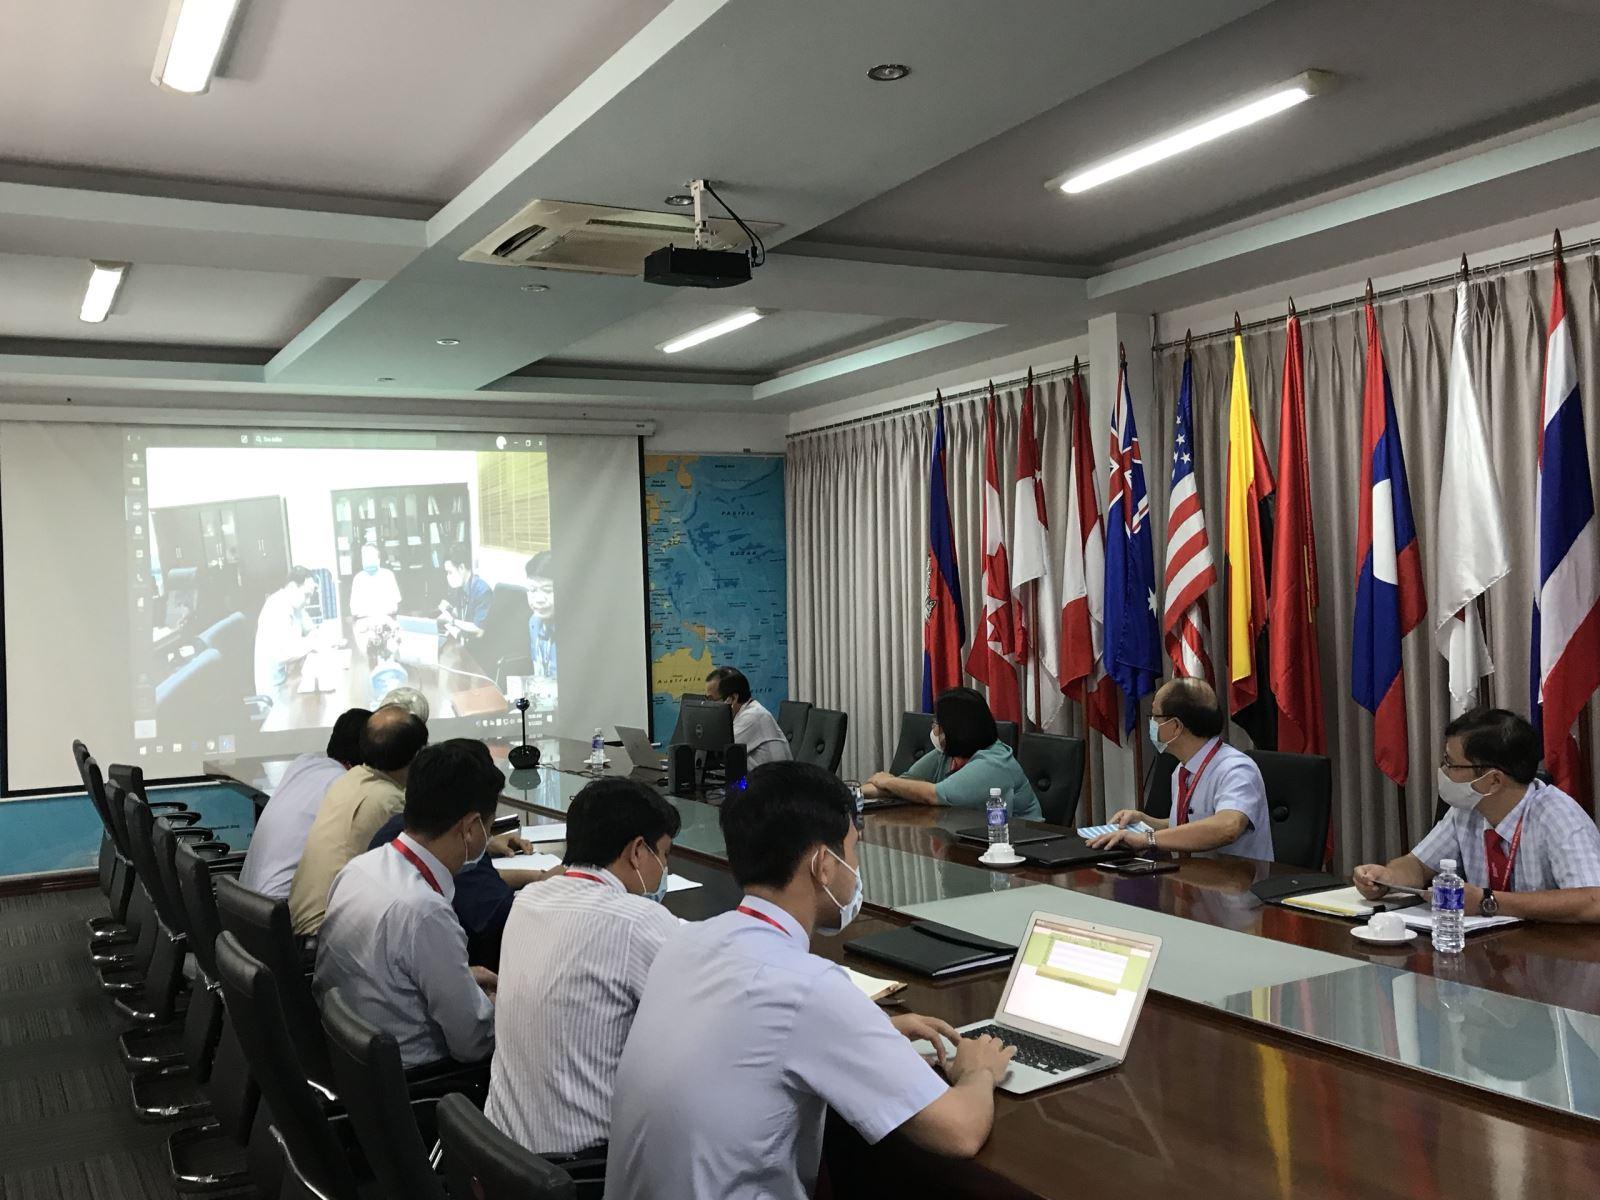 Trường Đại học Công nghệ Đồng Nai phối hợp với trường Đại học Mỏ - Địa chất triển khai đào tạo trực tuyến